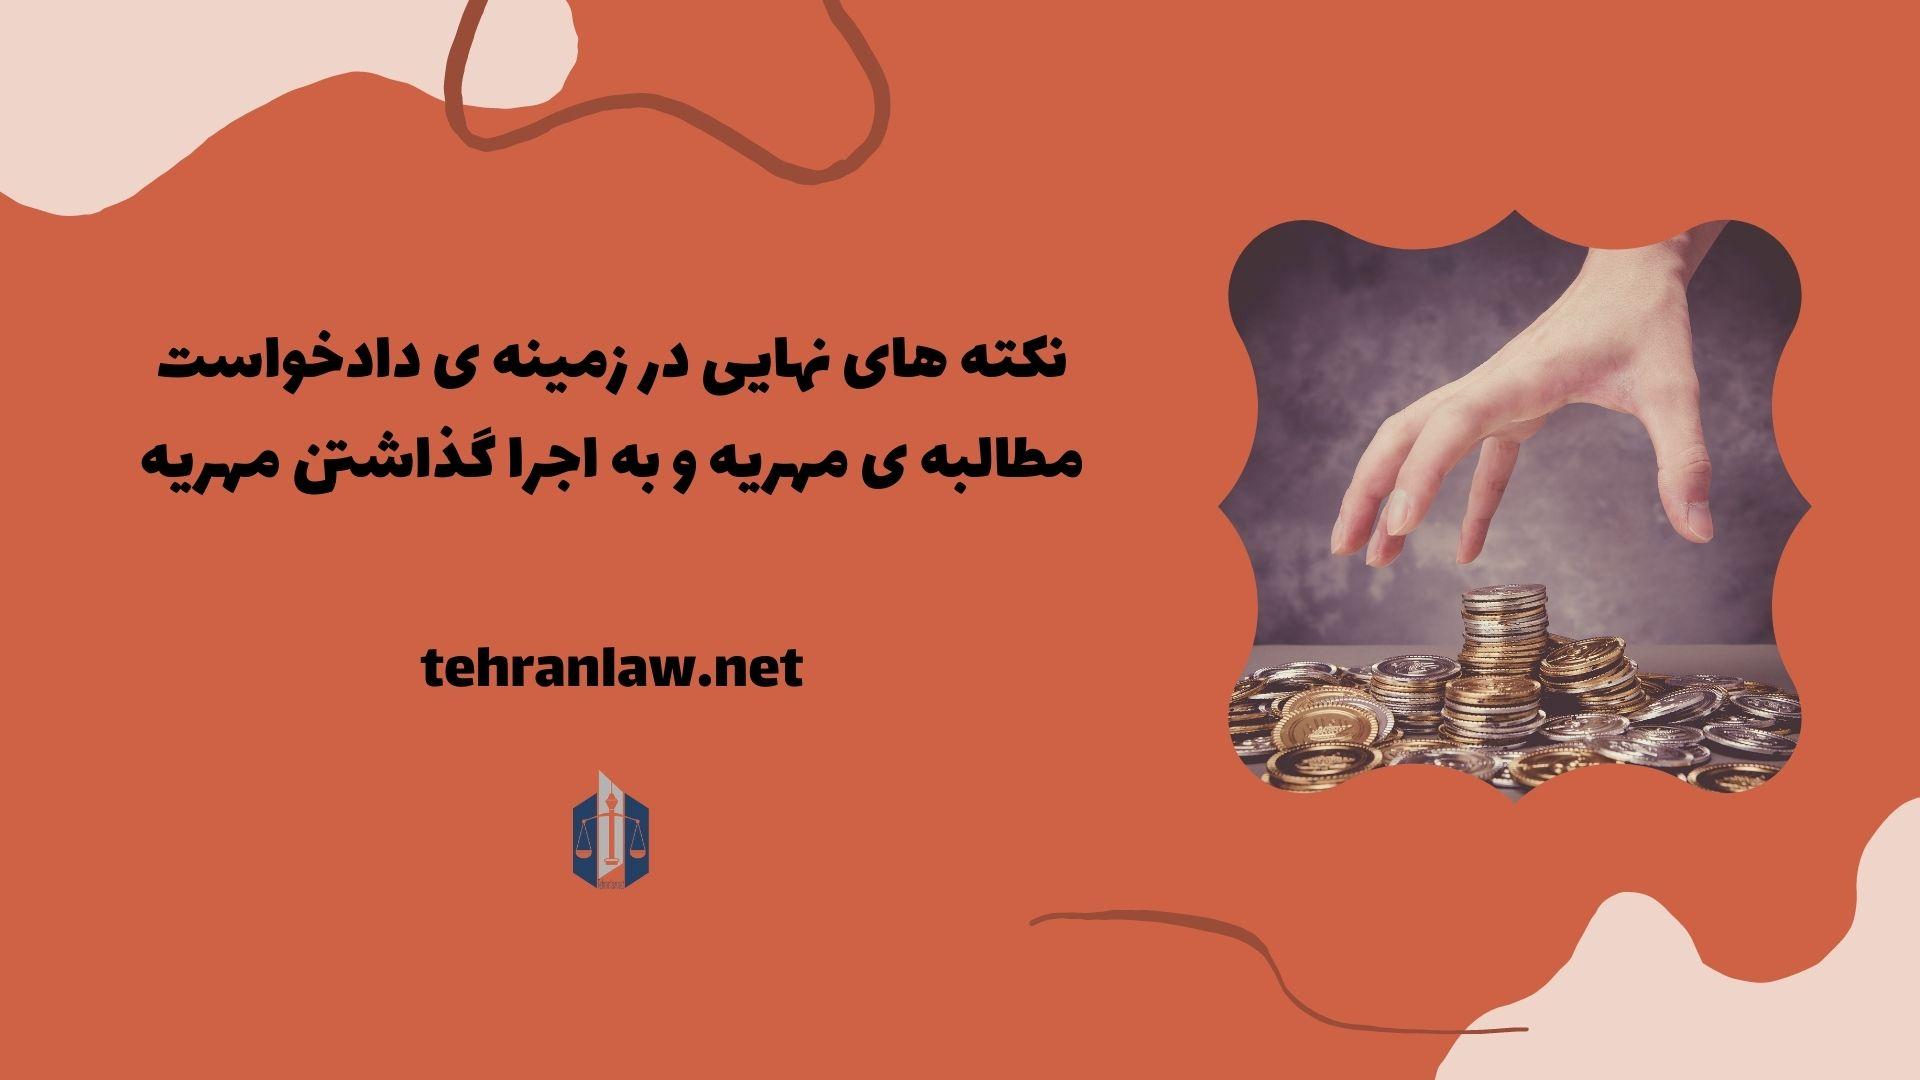 نکته های نهایی در زمینه ی دادخواست مطالبه ی مهریه و به اجرا گذاشتن مهریه